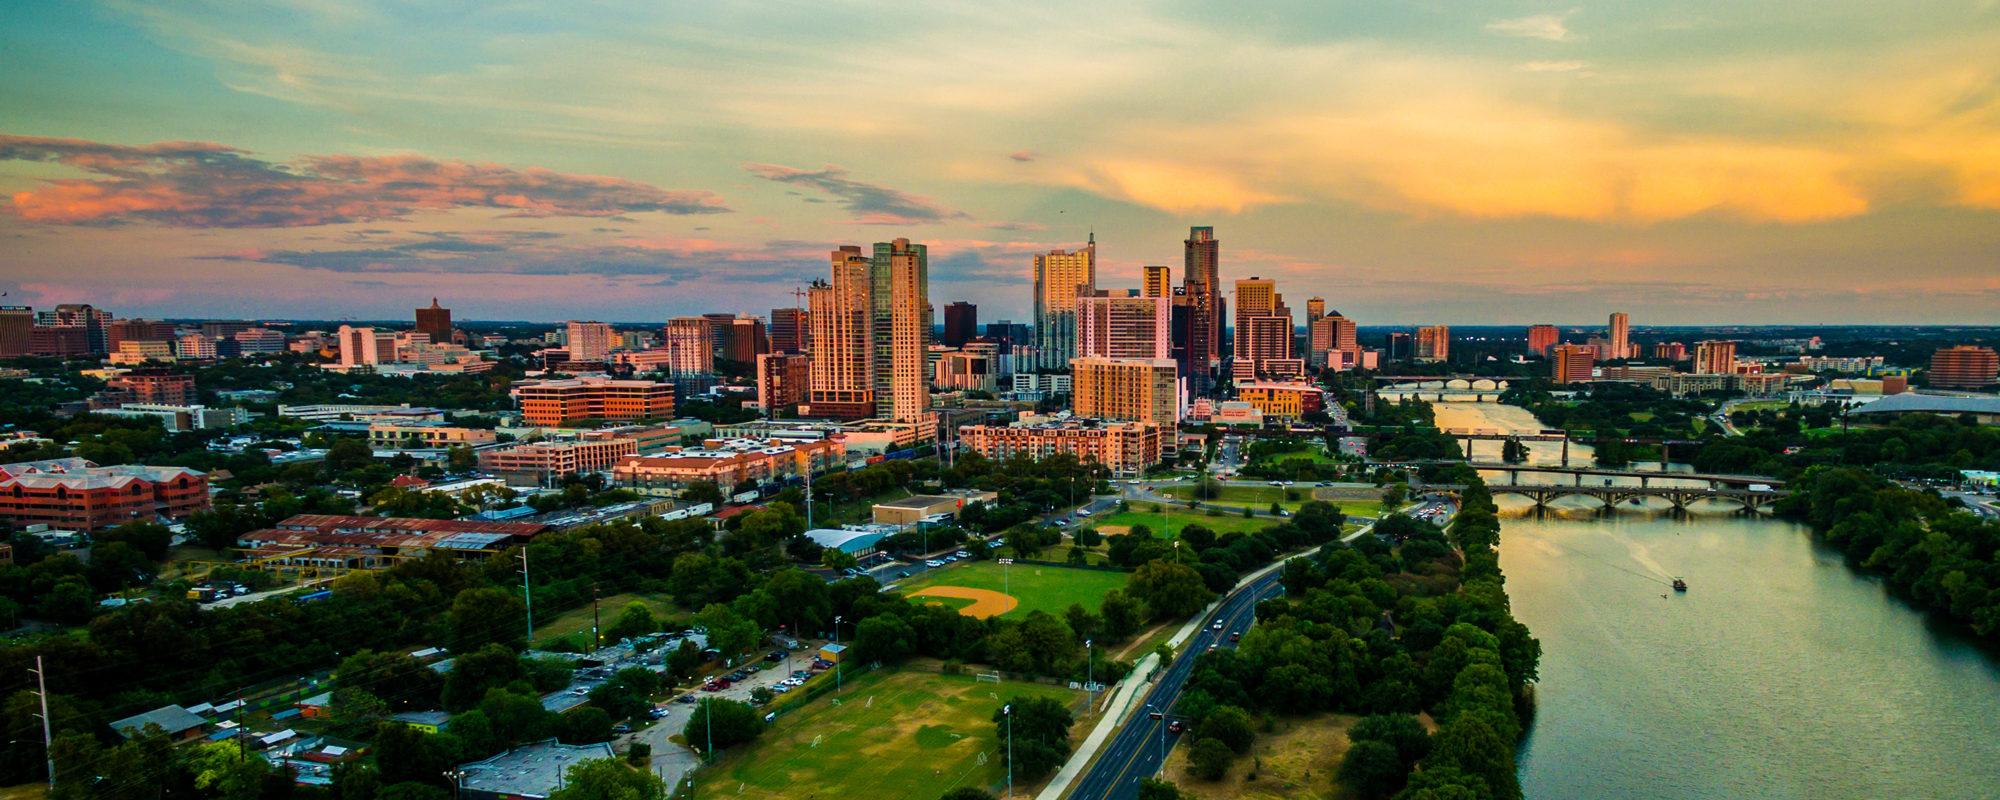 Austin, TX #4619